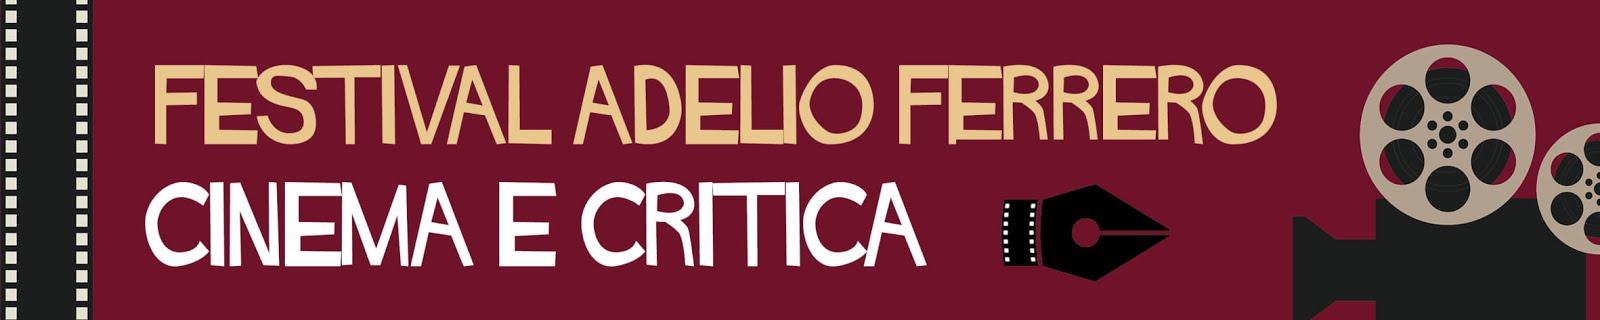 FESTIVAL ADELIO FERRERO  DI CINEMA E CRITICA - PROGRAMMA